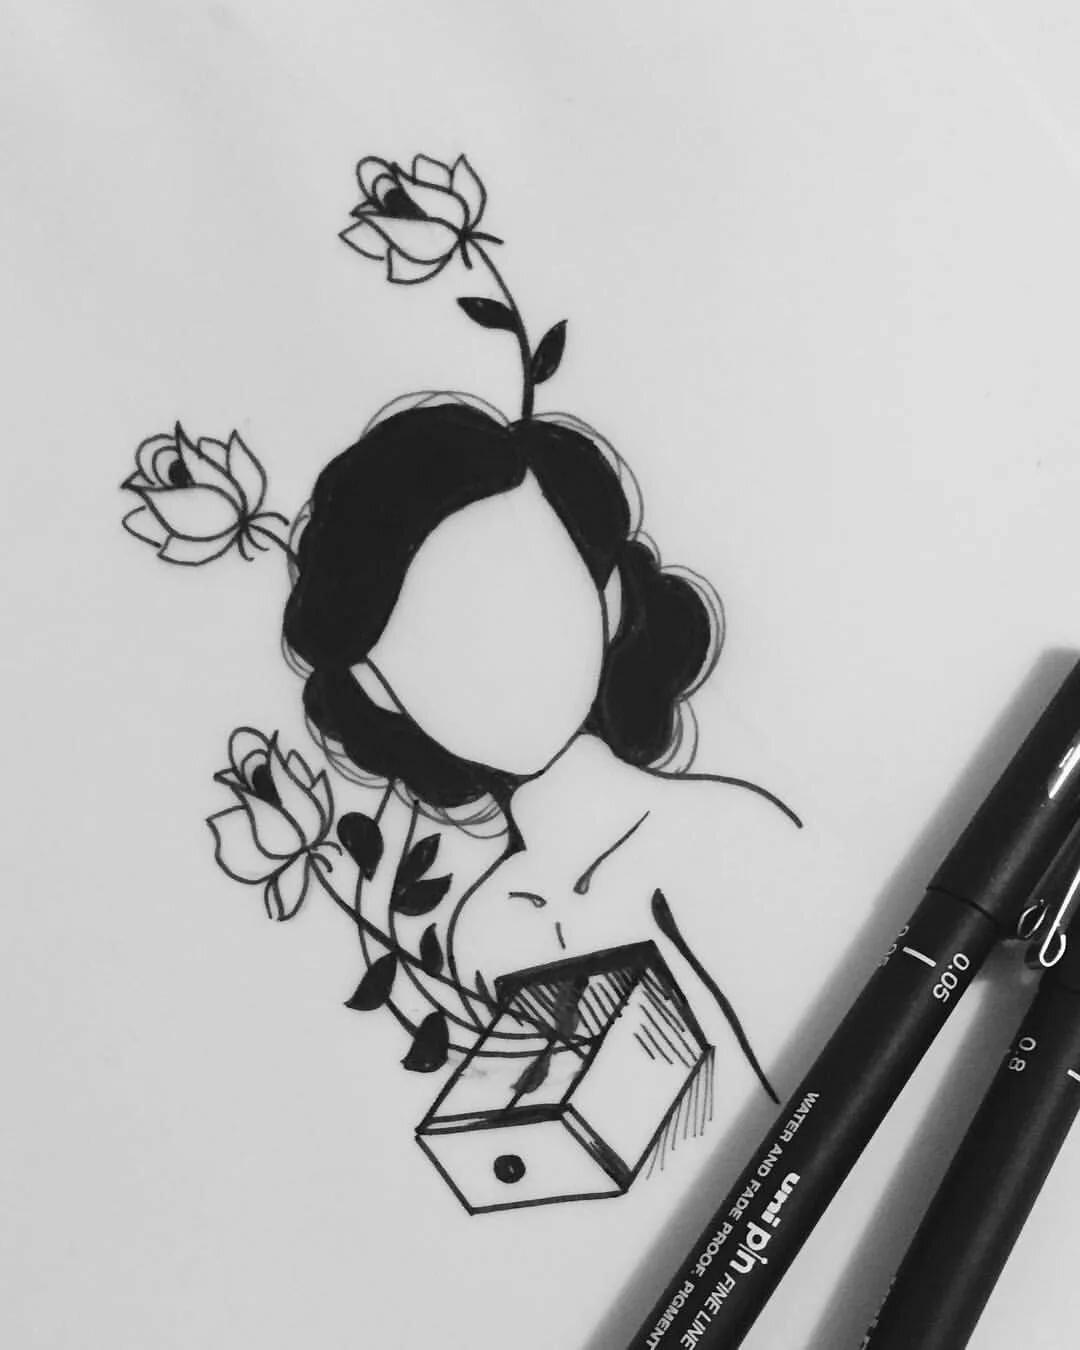 картинка черной ручкой последняя моя весна стал